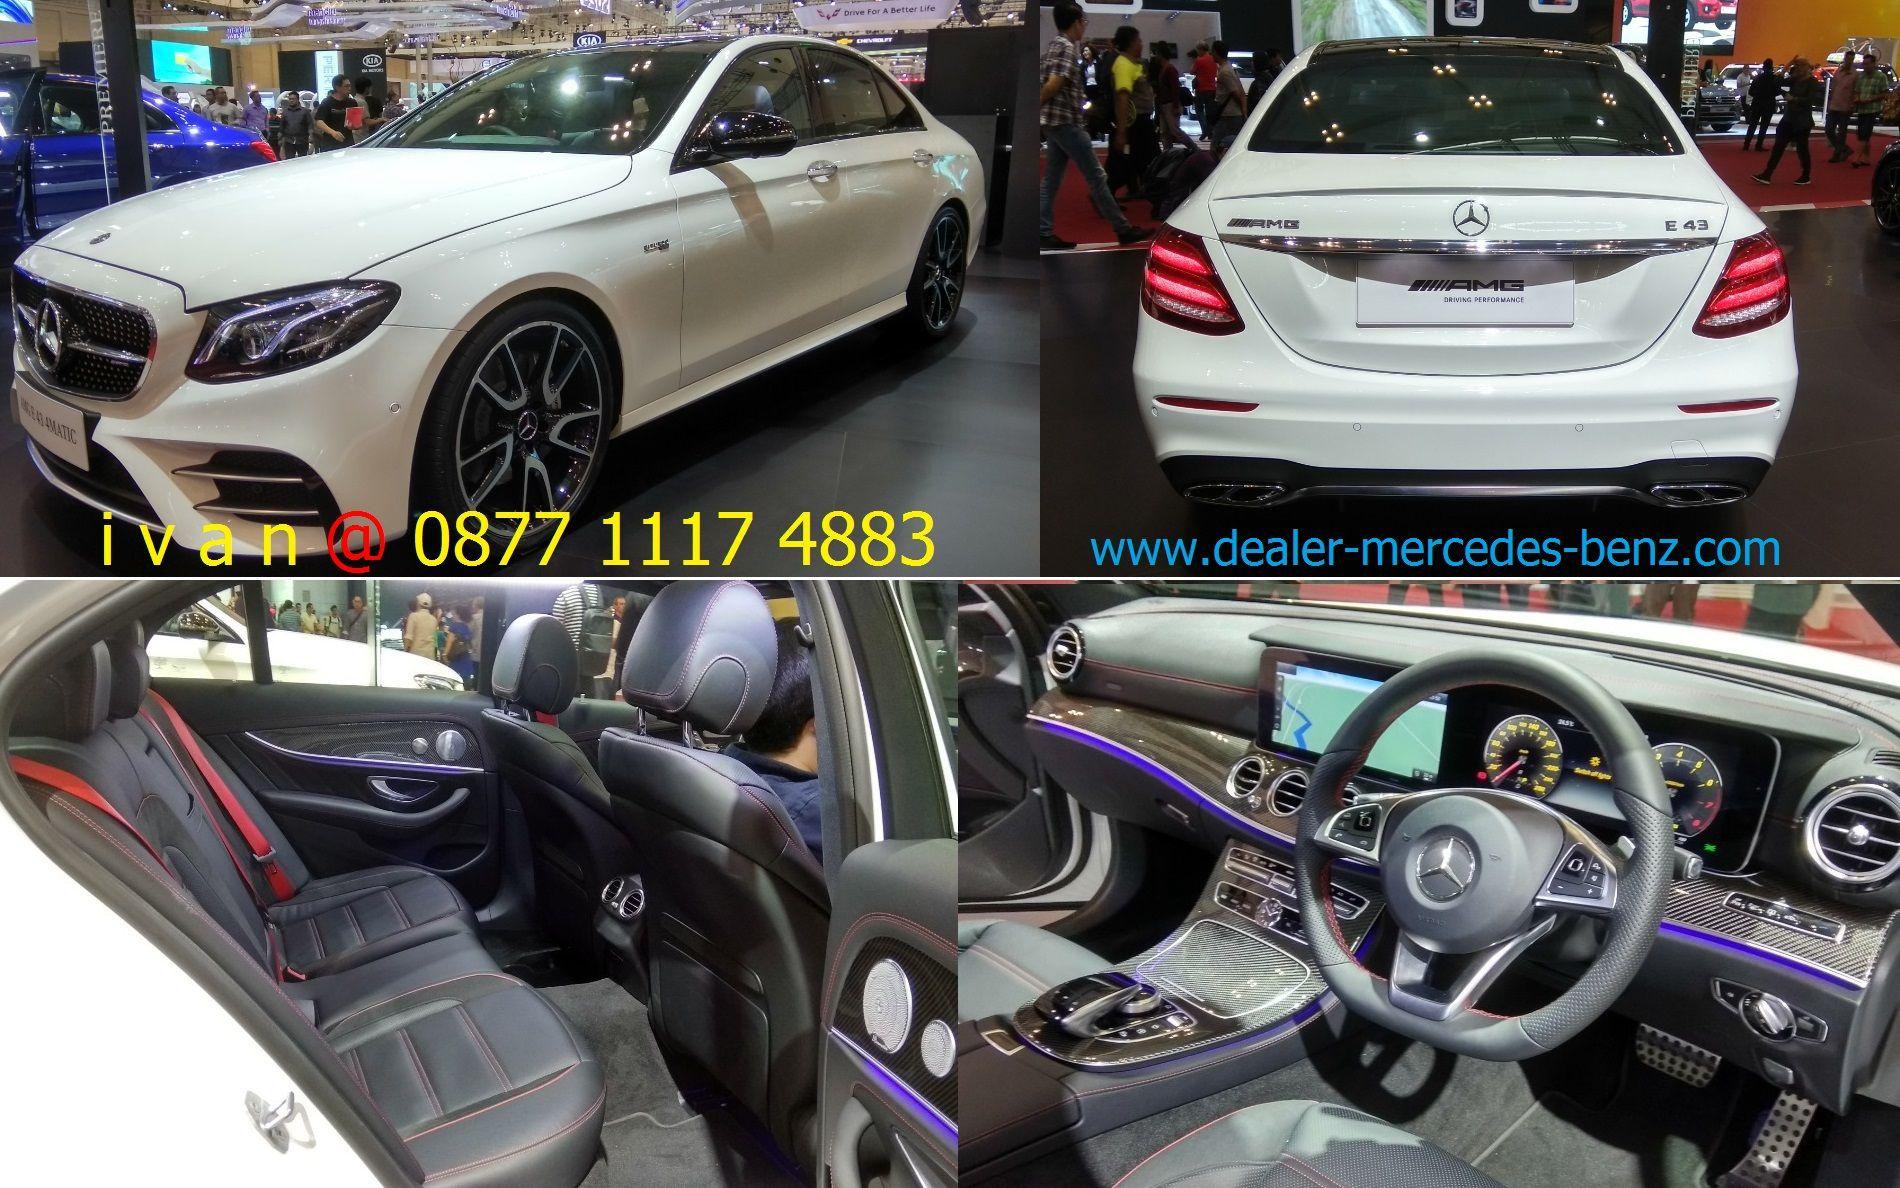 Mercedes Benz E43 Dengan Gambar Mercedes Benz Mobil Baru Mobil